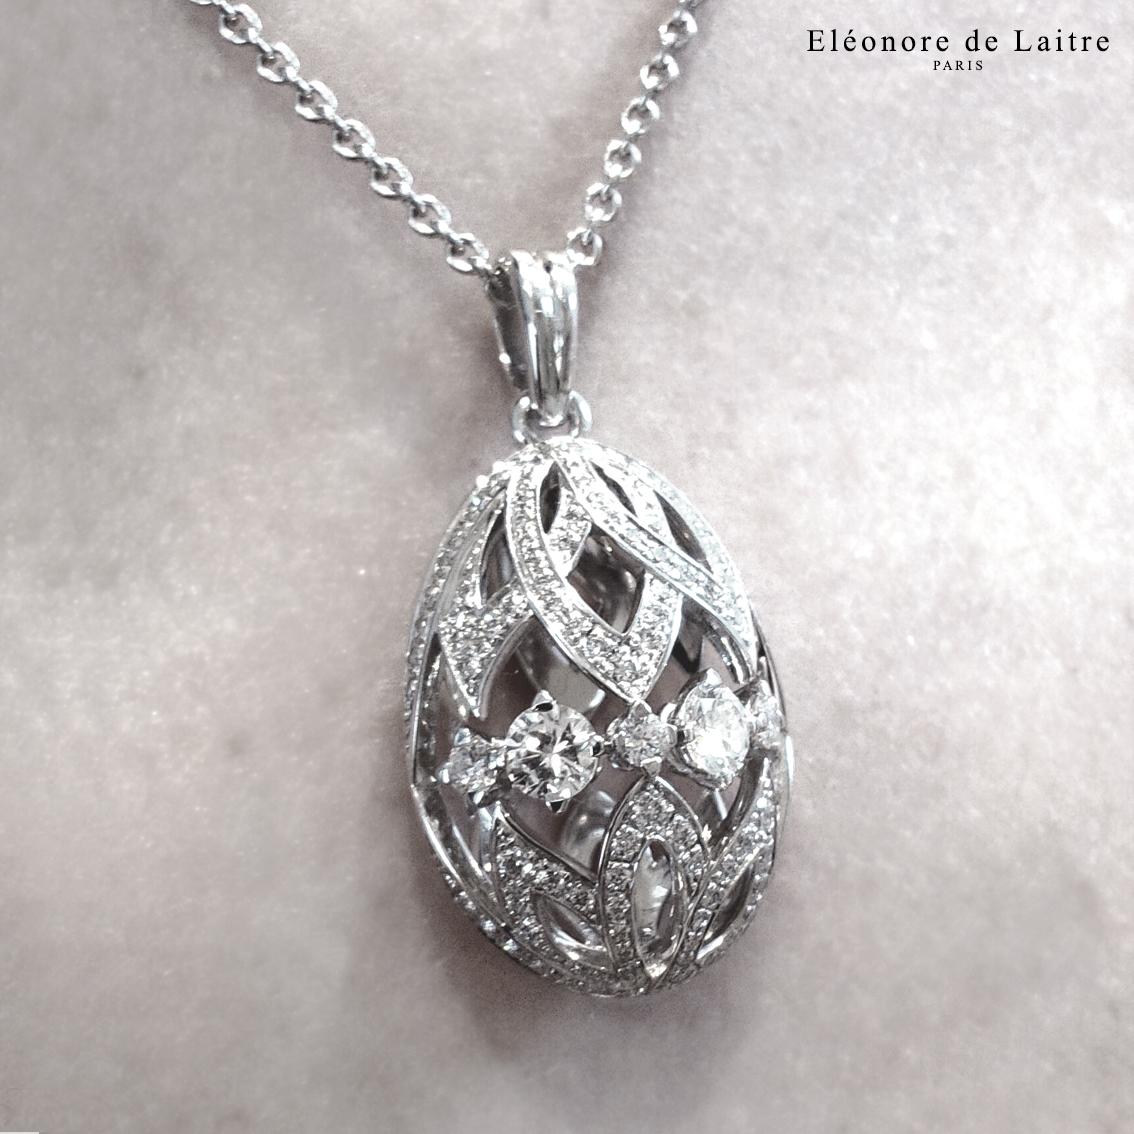 Eléonore de Laitre - commande particulière - pendentif oeuf - diamants, or blanc.